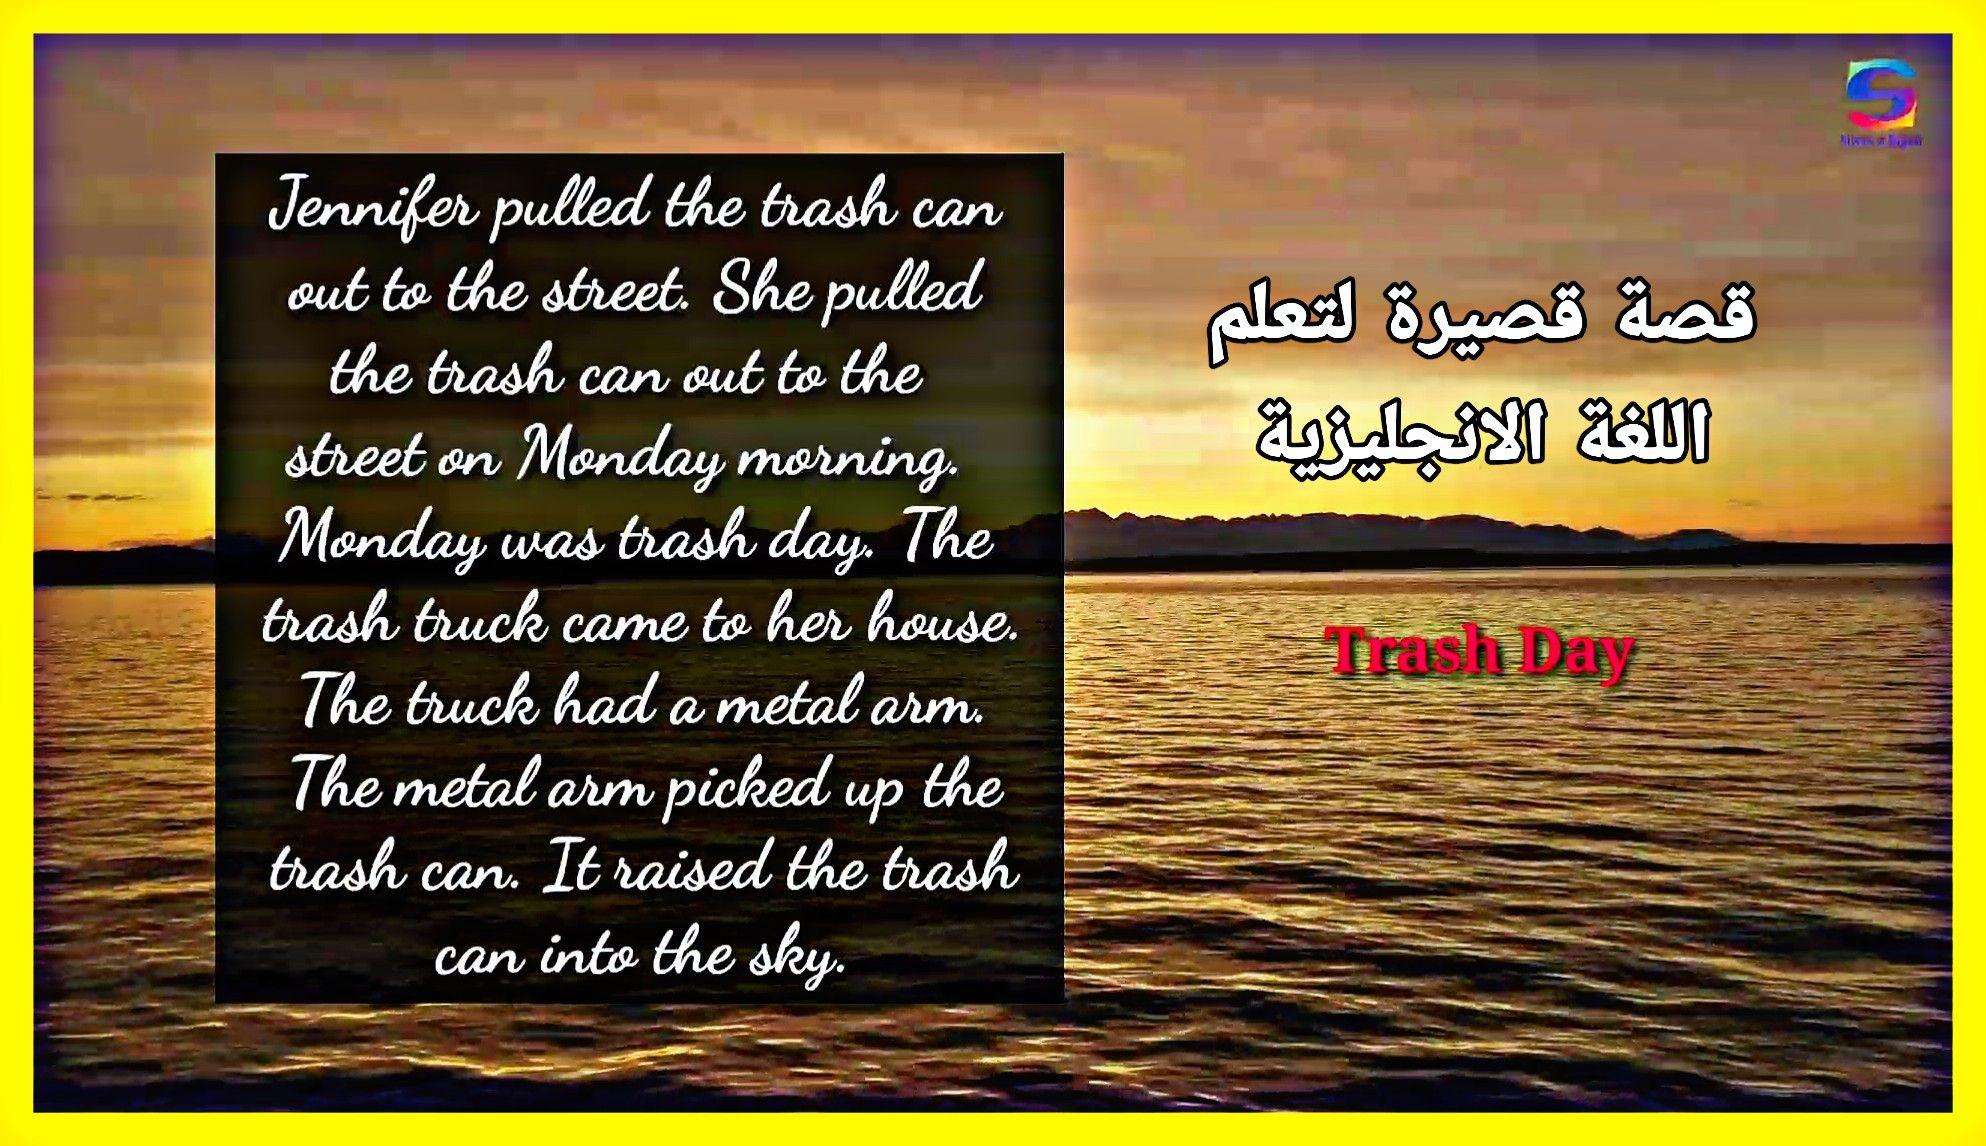 قصة قصيرة باللغة الانجليزية سهلة ومبسطة لتحسين النطق والاستماع وتعلم الانجليزية بأسهل الطرق الممكنة Trash Day Lettering Monday Morning